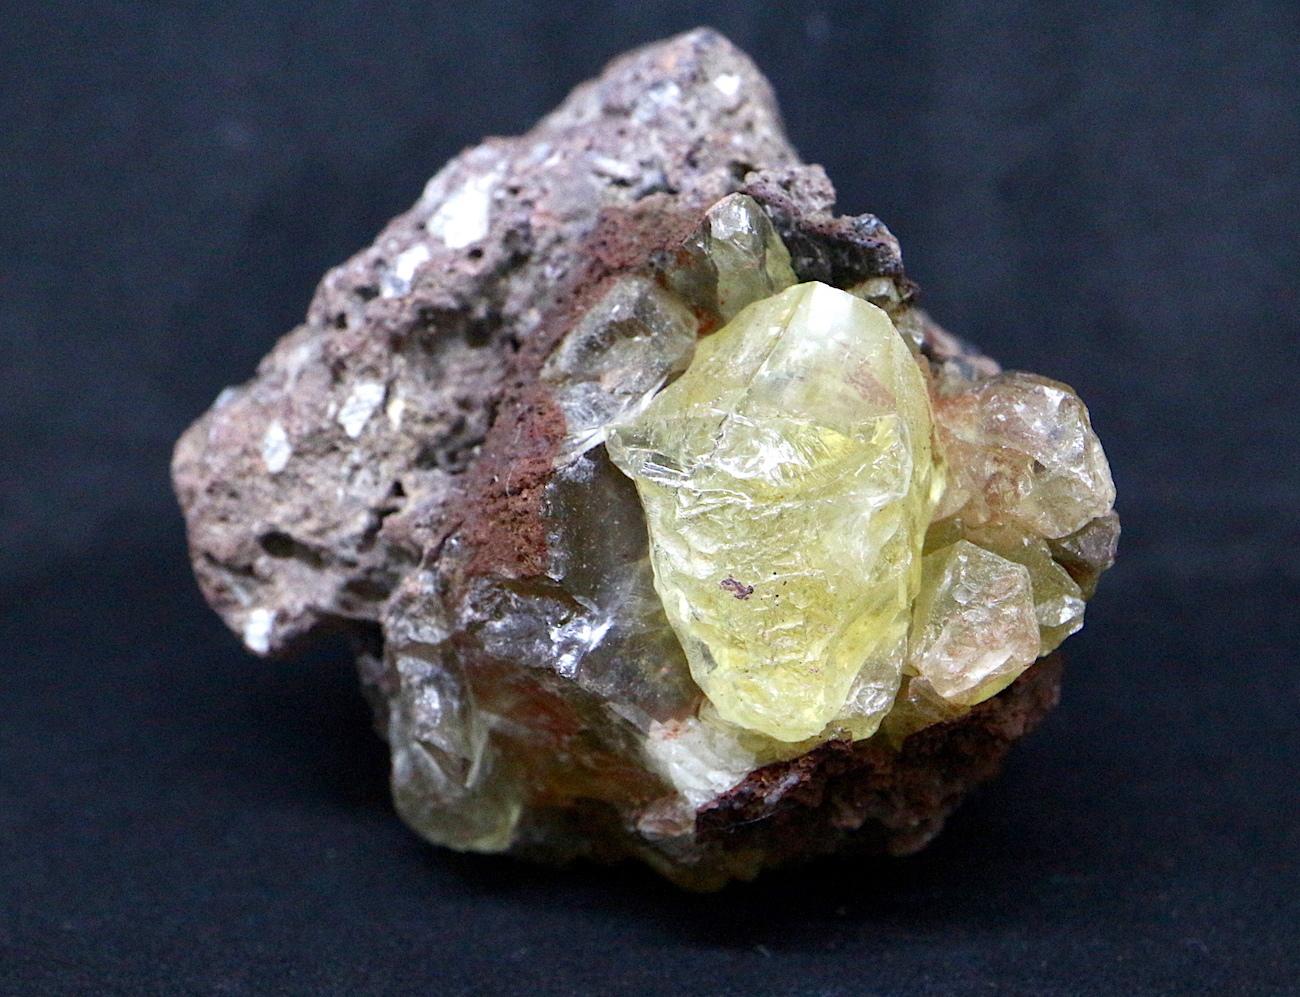 オレゴン サンストーン 母岩付き! 74g SUN024  鉱物 天然石 原石